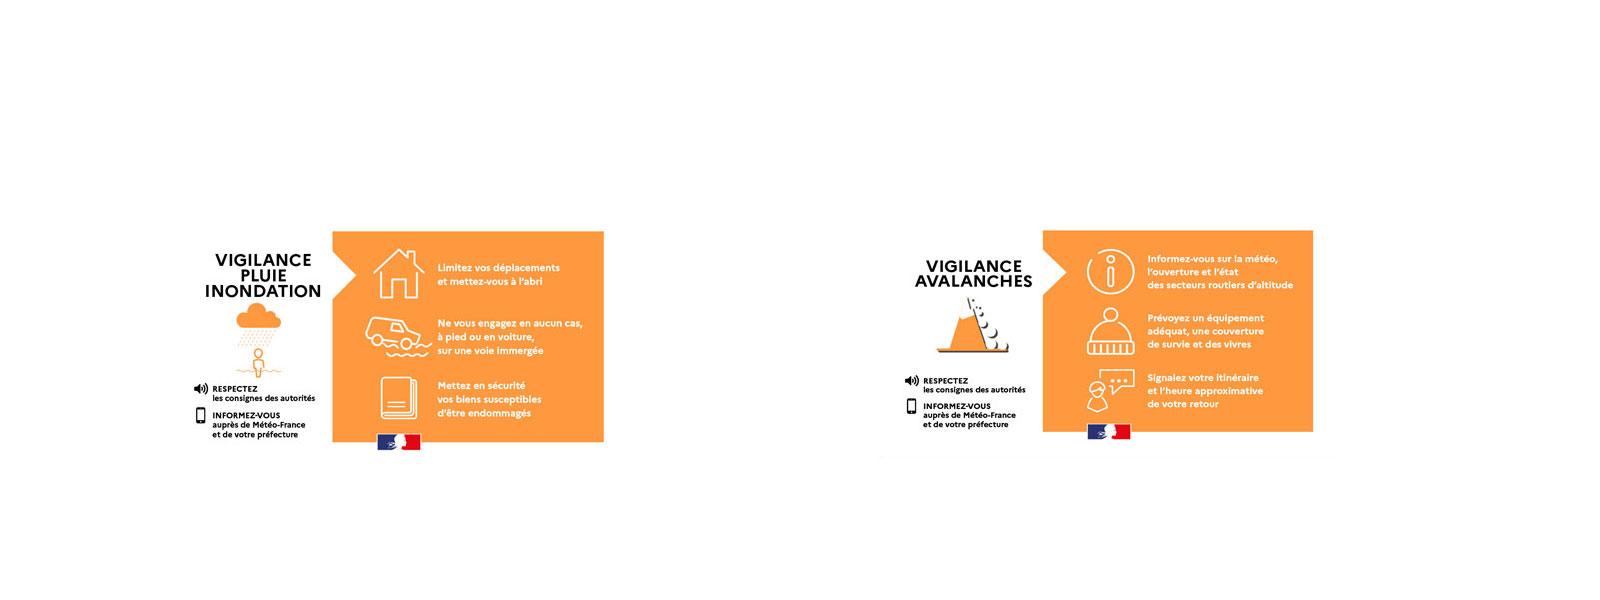 Vigilance orange avalanches / Pluie-Inondations